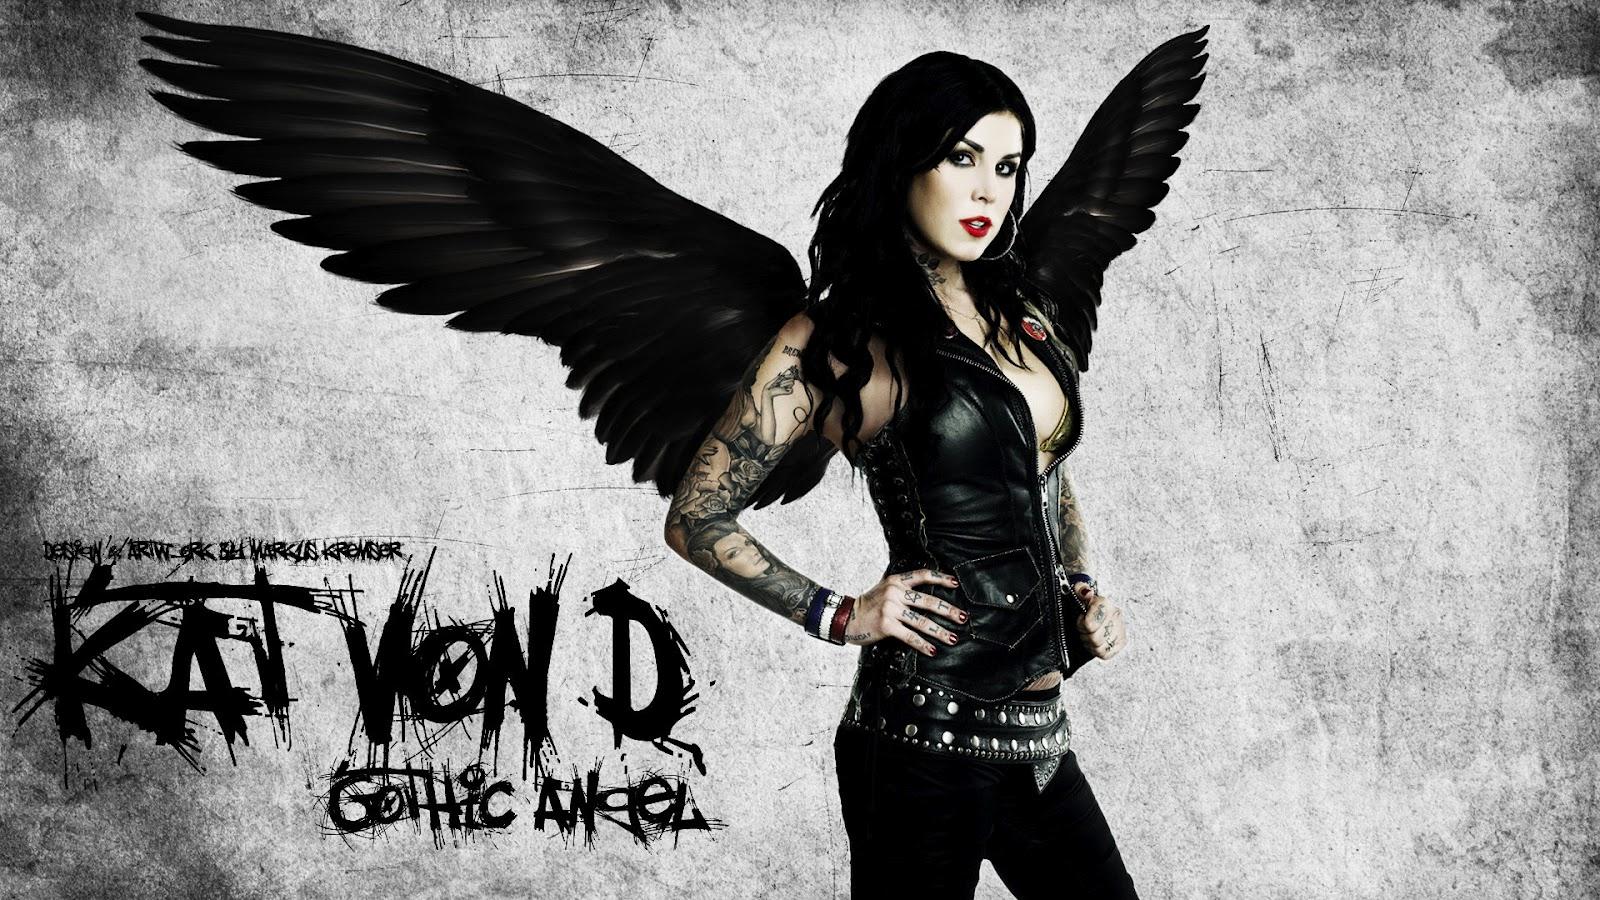 Hd wallpaper kat von d - Dark gothic angel wallpaper ...